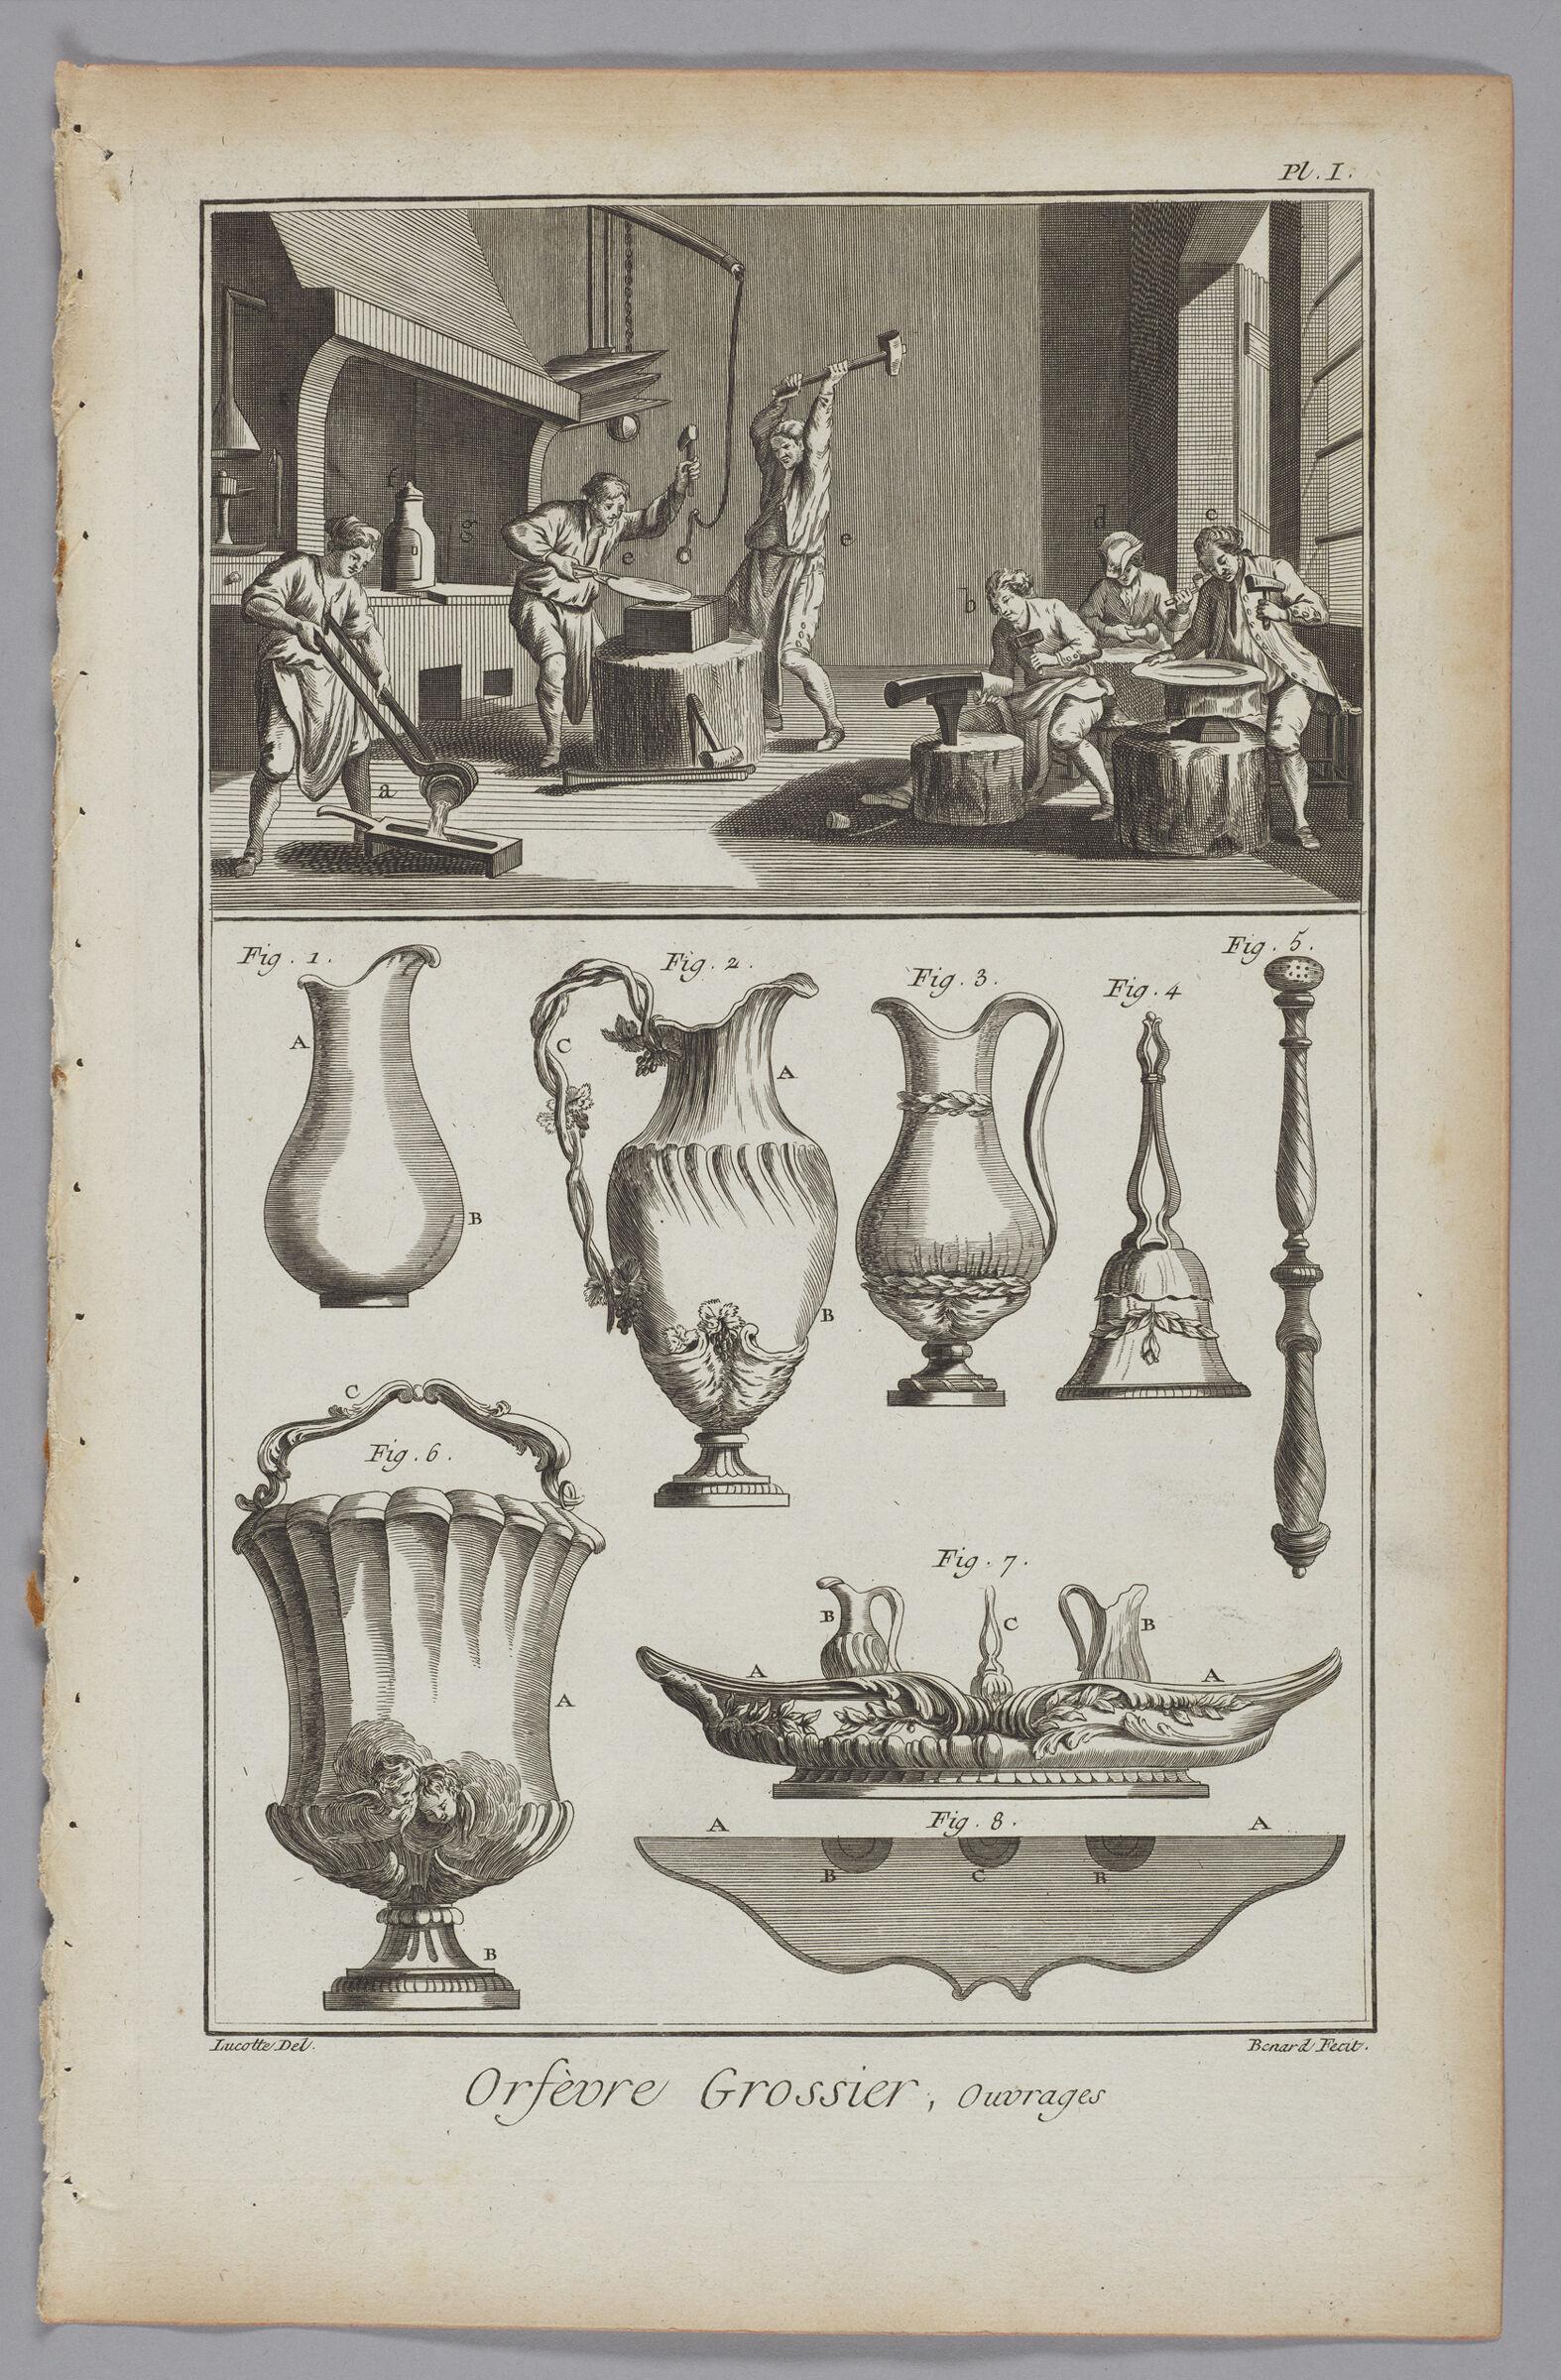 Goldsmiths' Works